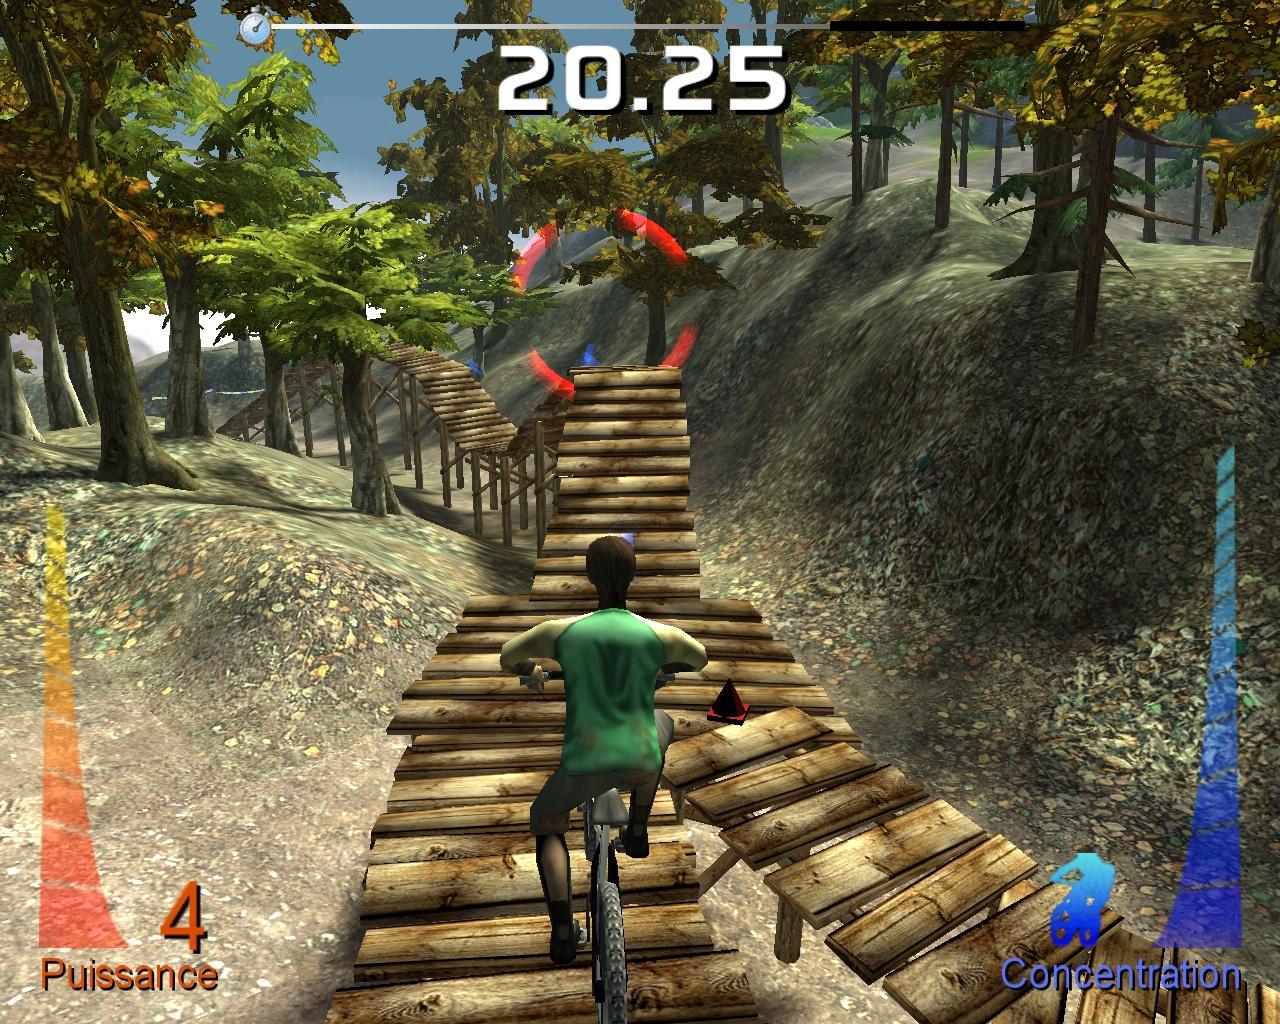 mountain bike adrenaline full free pc game download